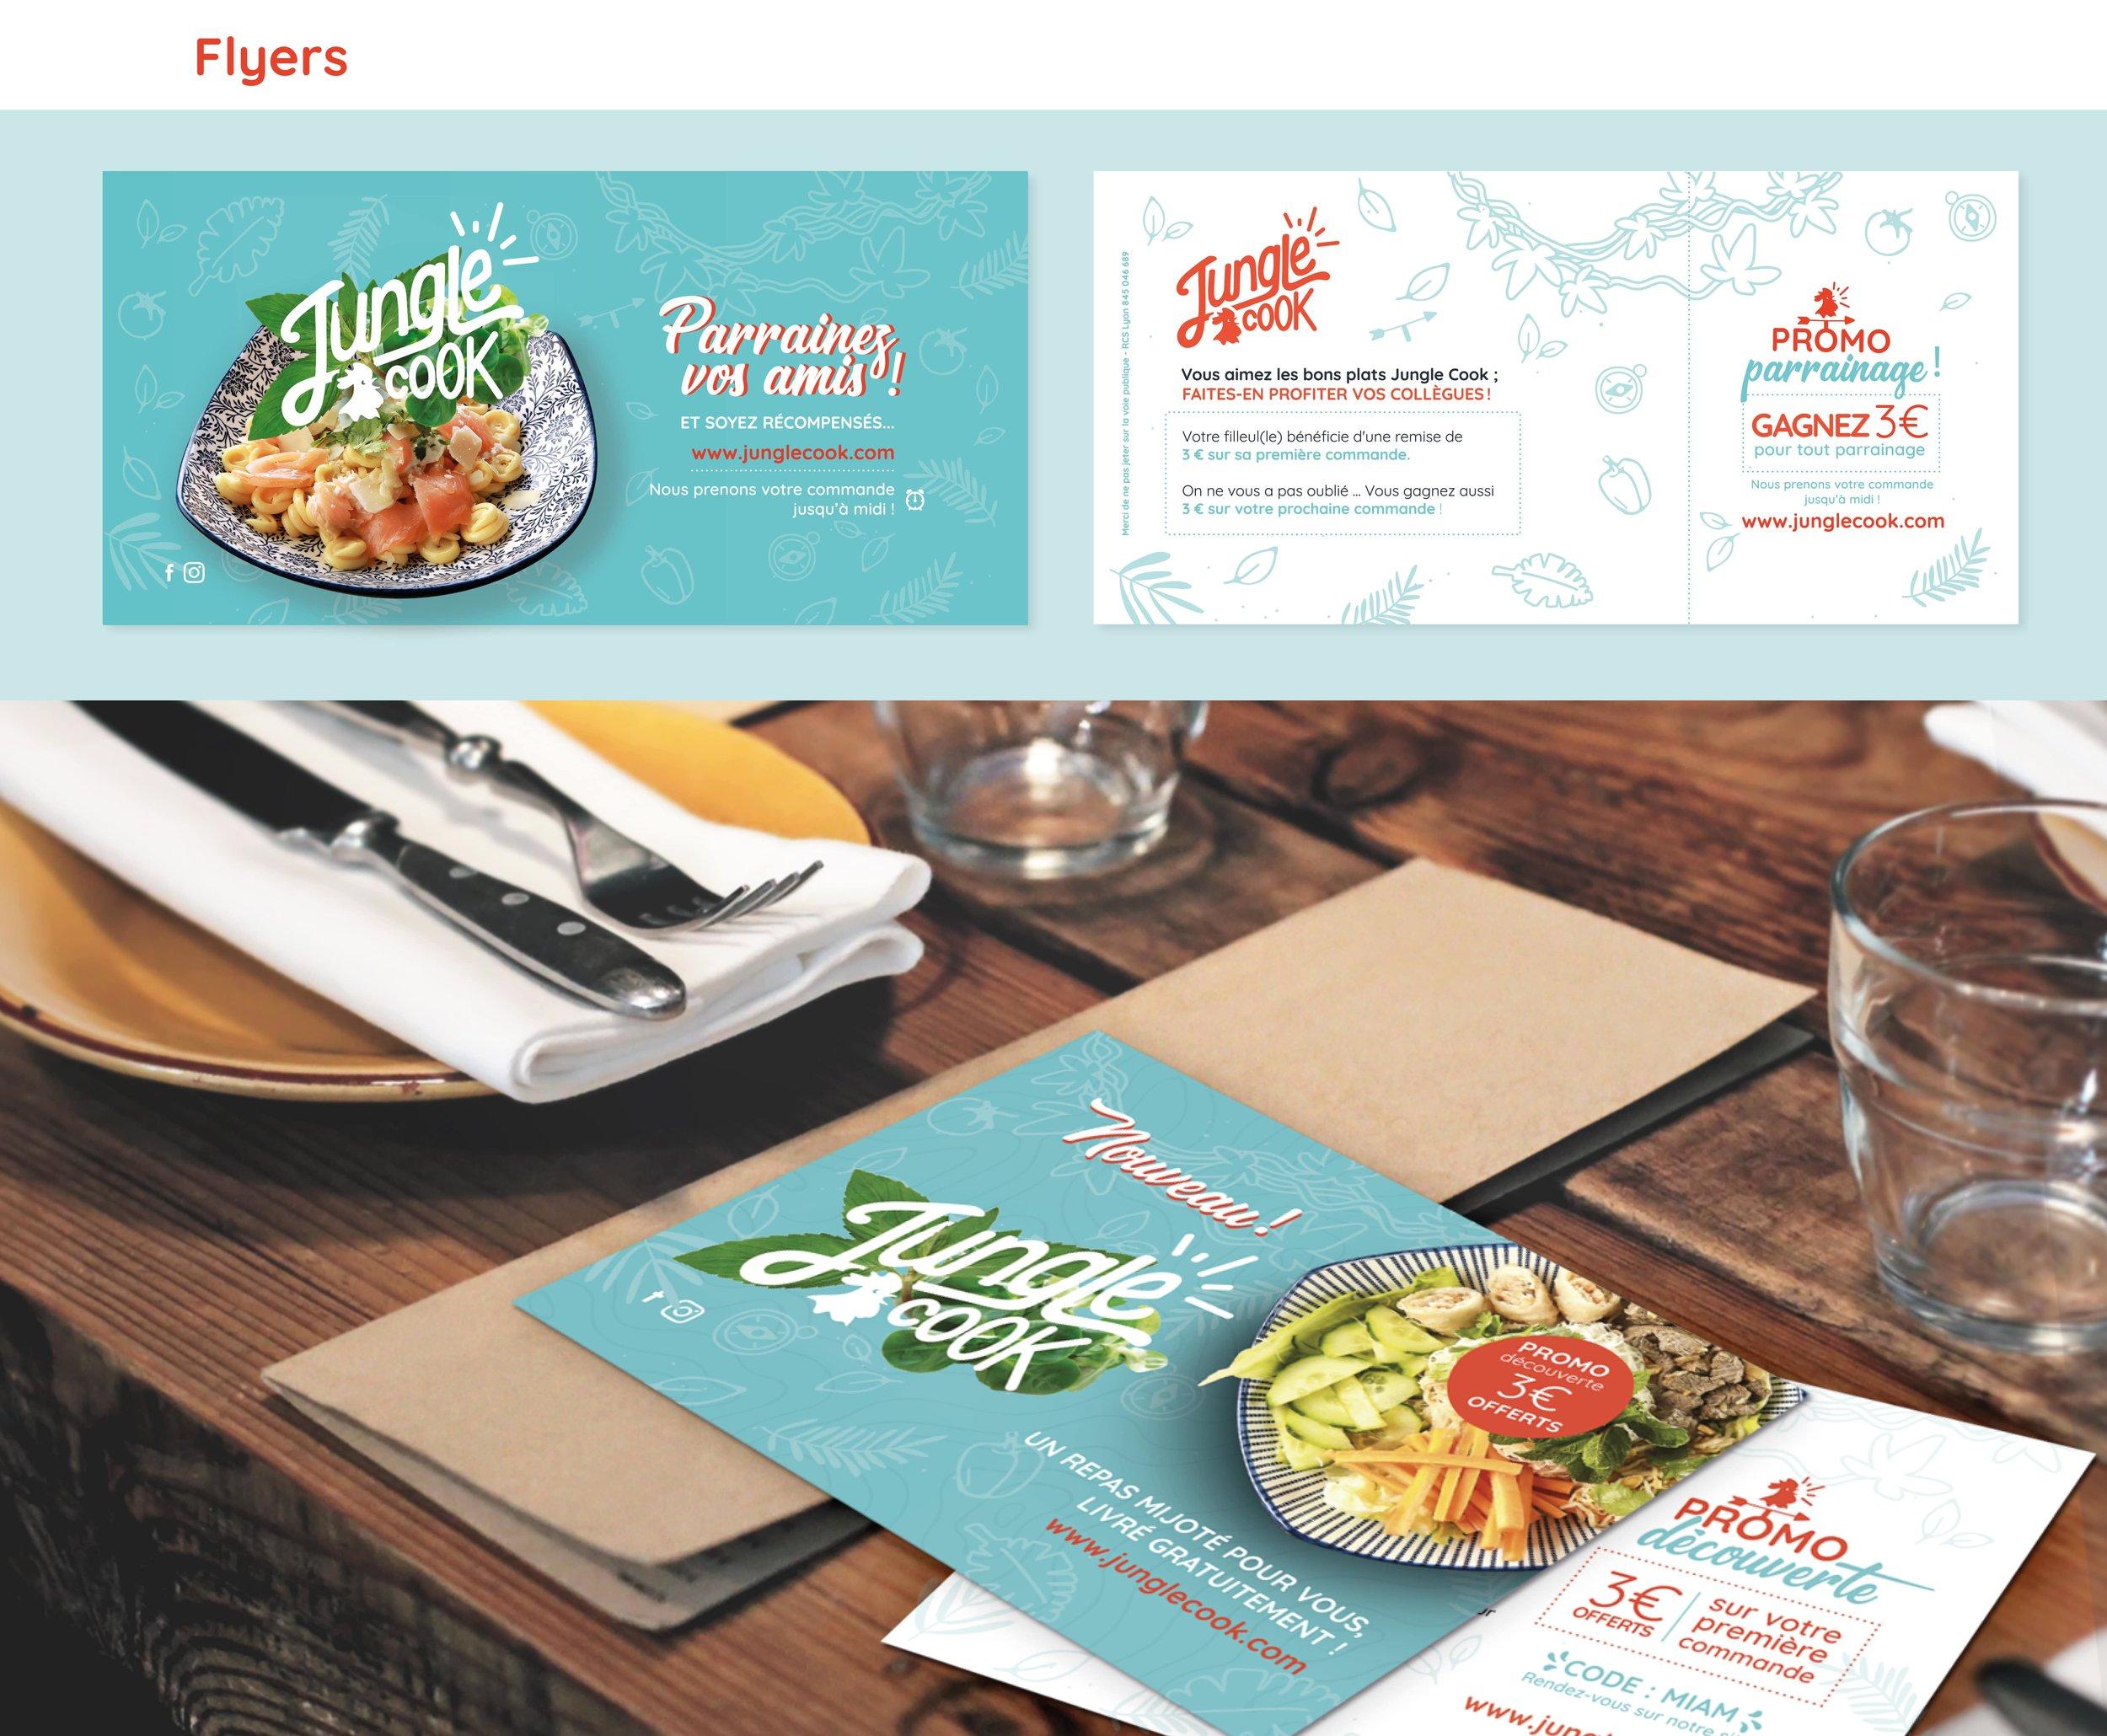 jungle_cook_6-flyer_parrainage_decouverte_frais-maison_promo.jpg